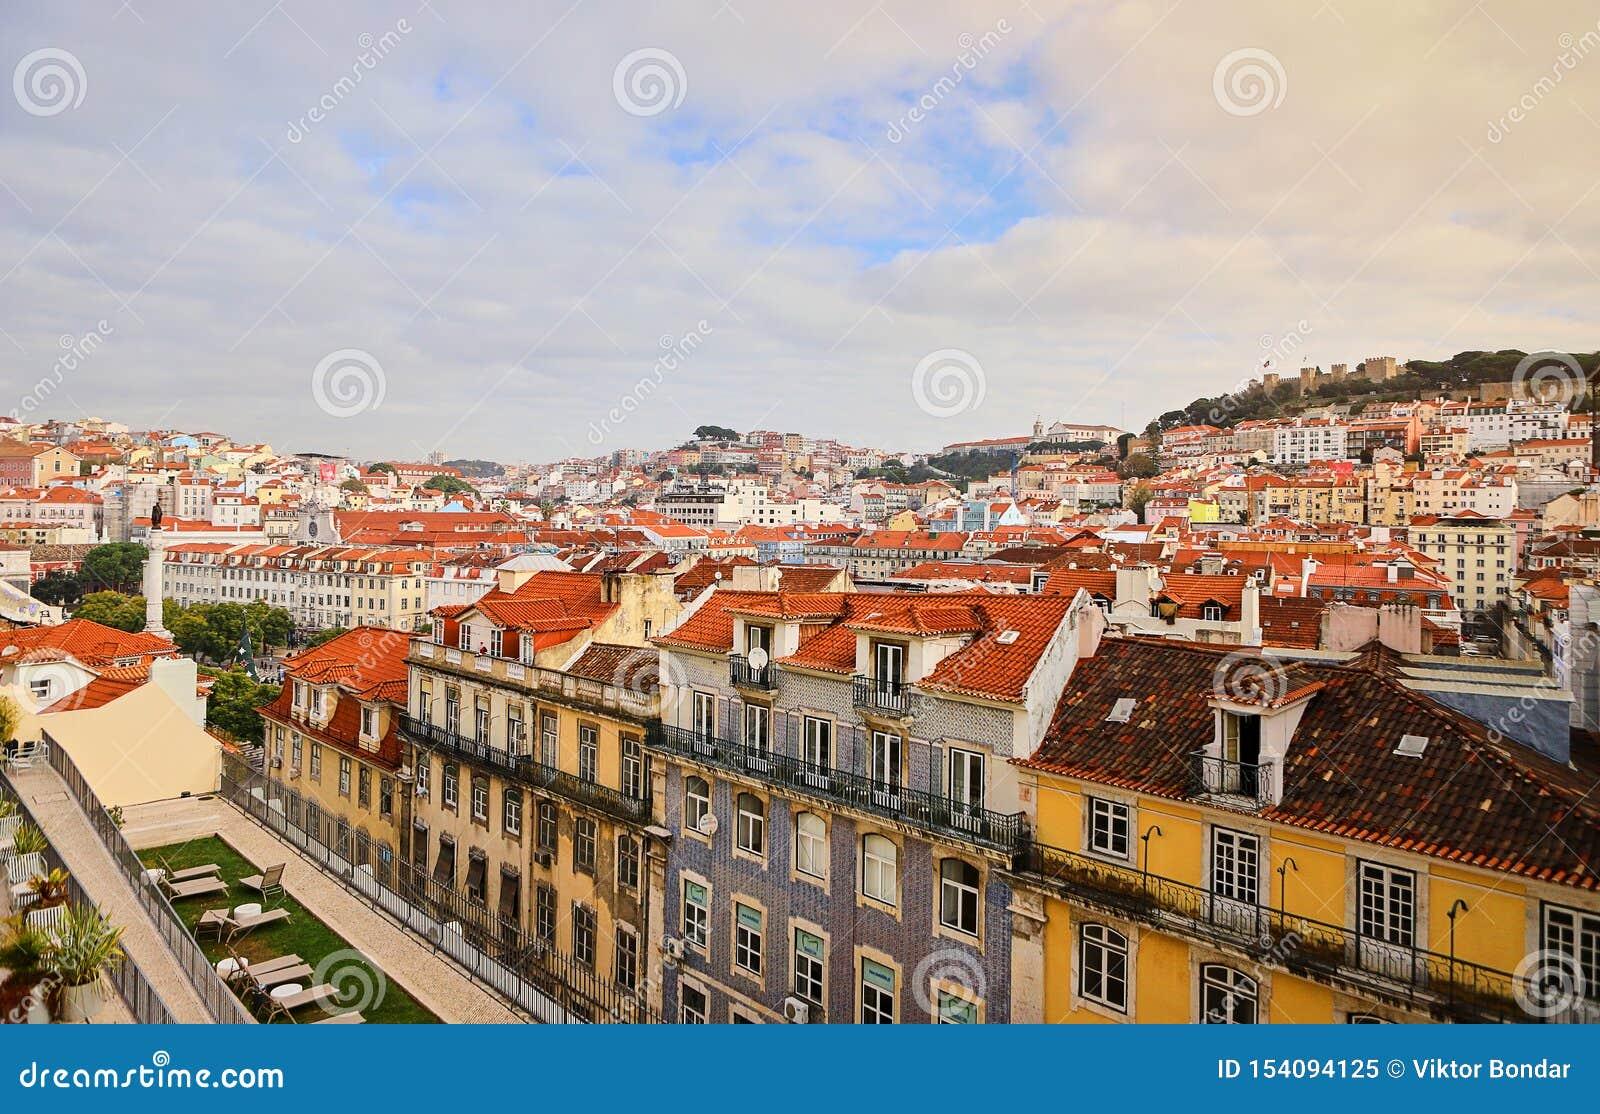 Lisbonne Portugal - belle vue panoramique des toits rouges des maisons dans le secteur historique antique Alfama et le Tage